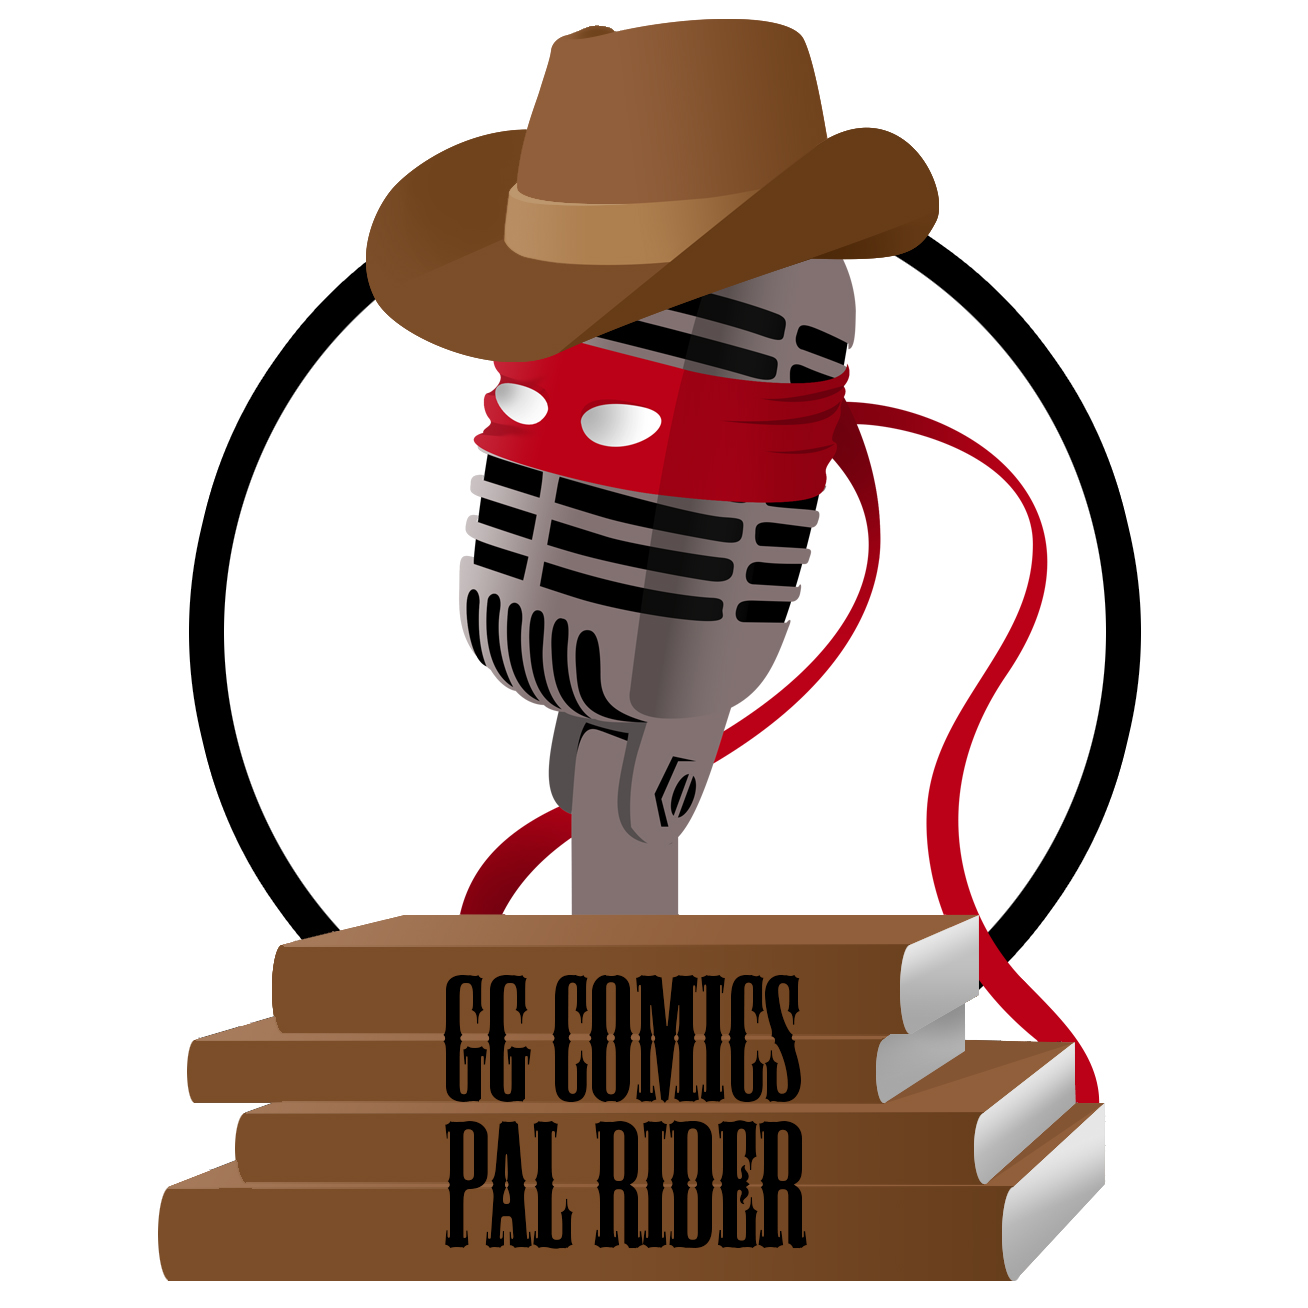 Les GG comics - PAL Rider #004